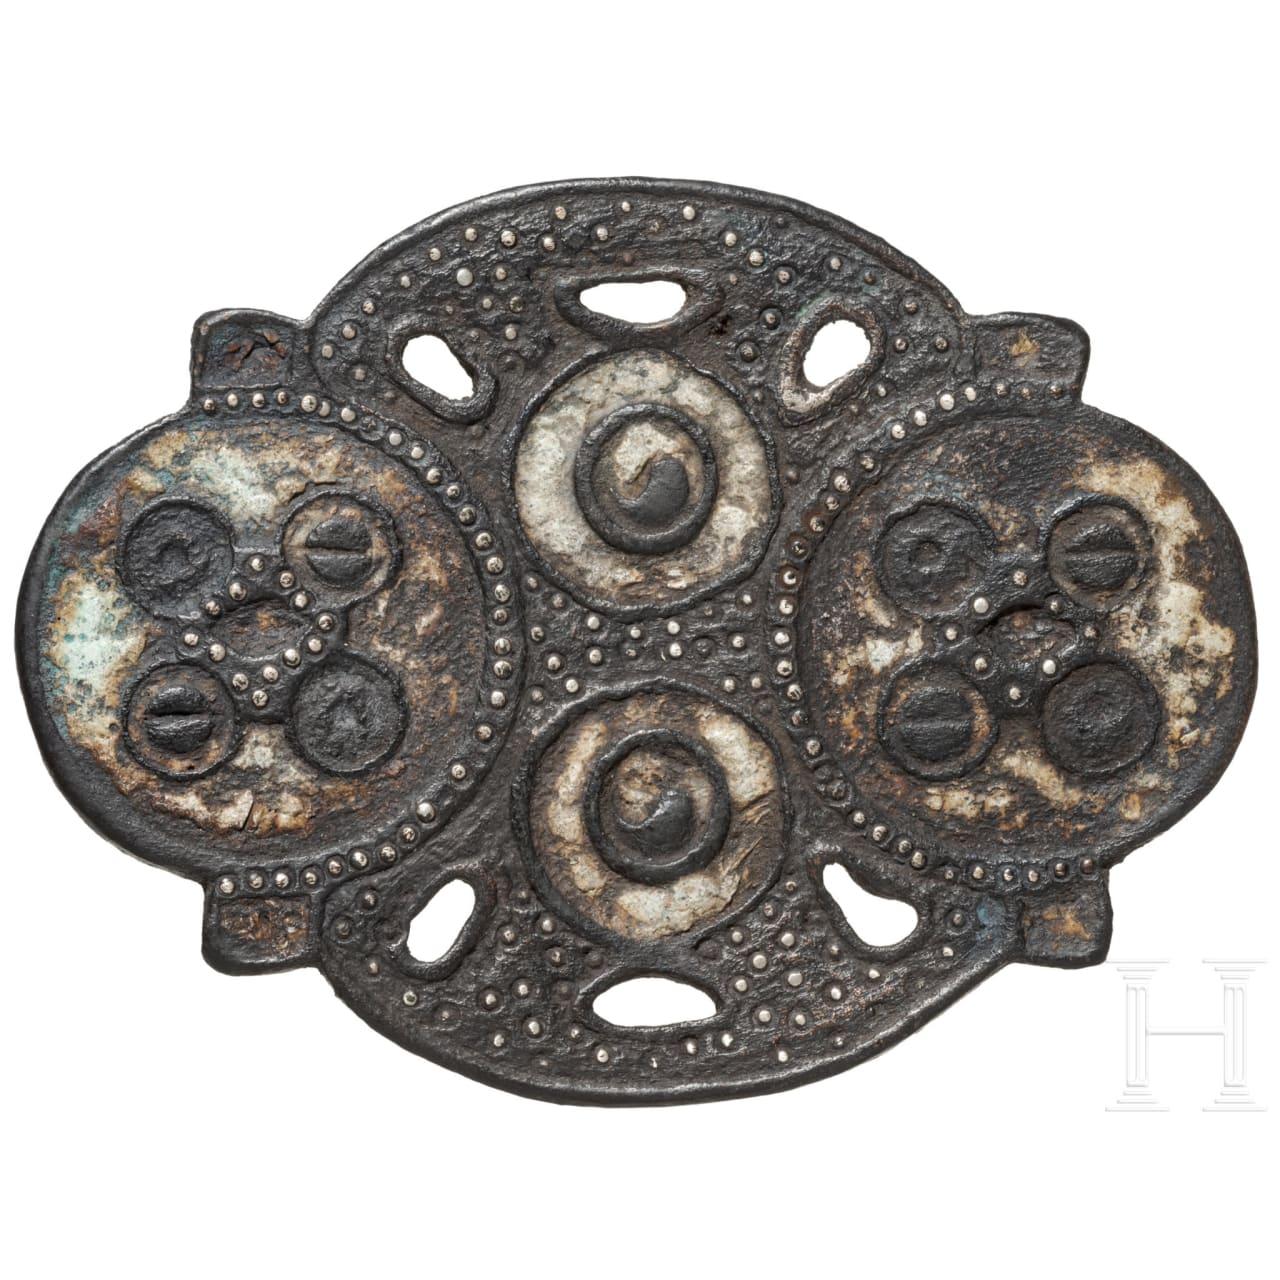 An enamelled Celtic bridle mount, 1st century B.C. - 1st century A.D.